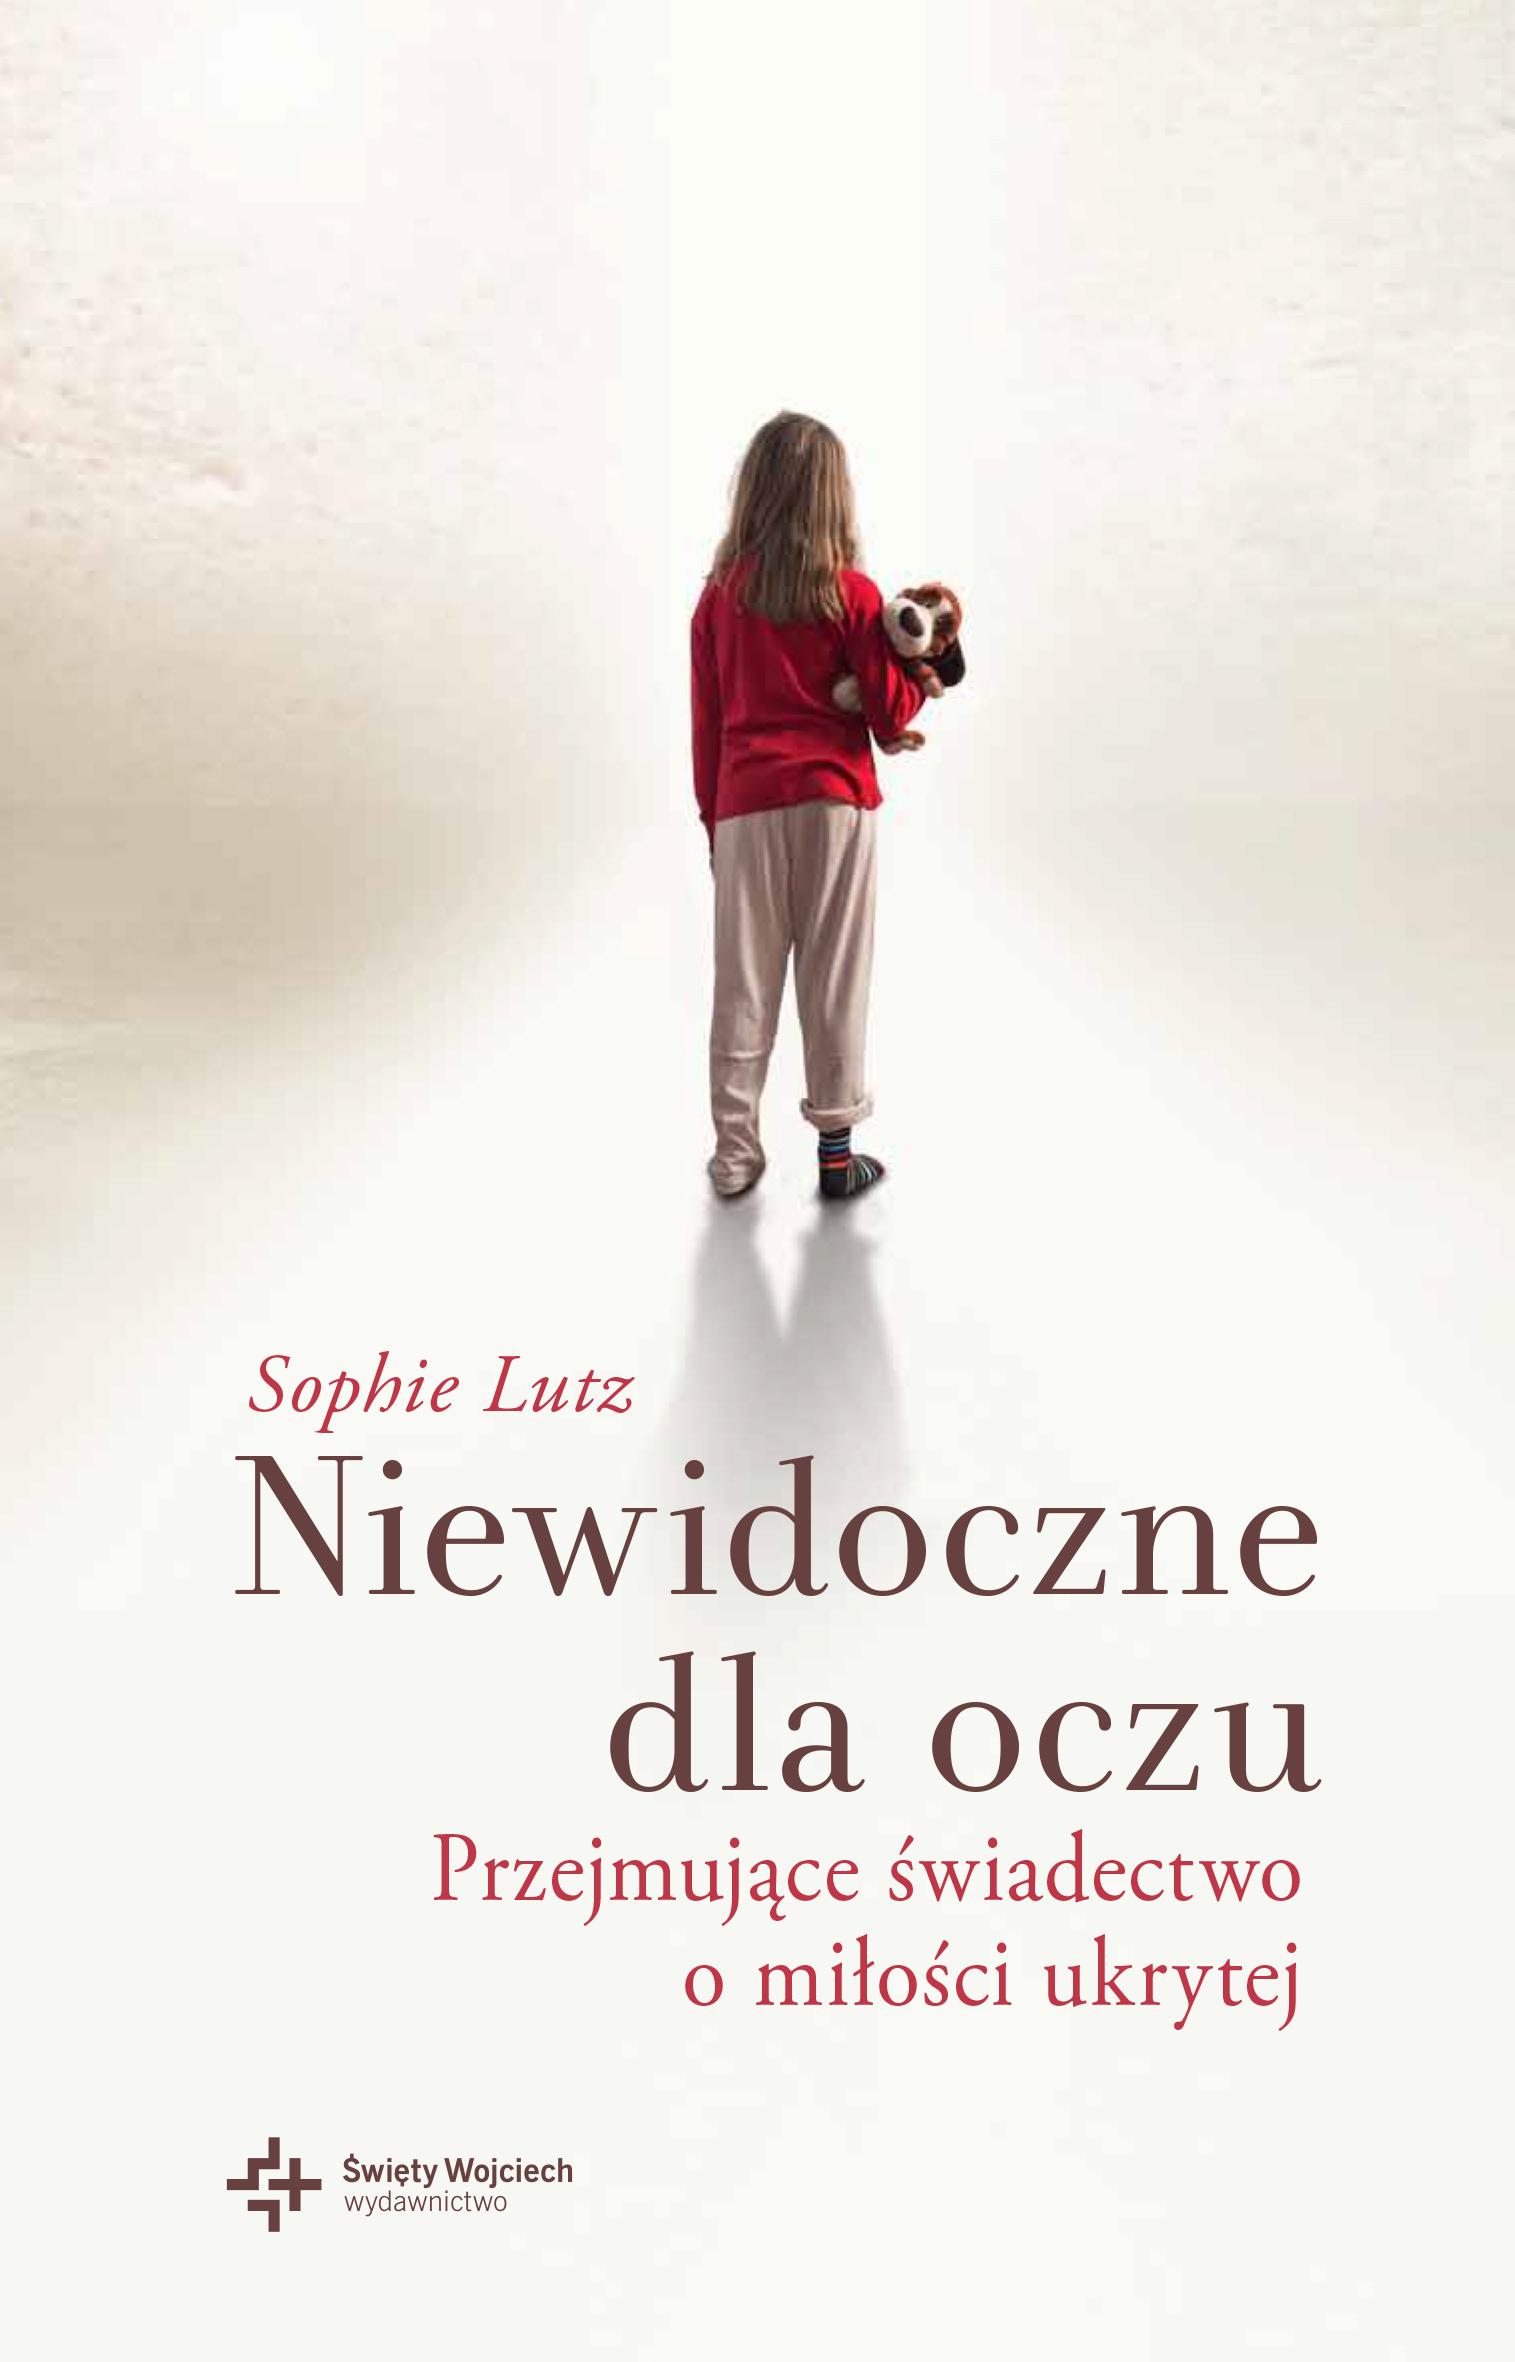 Niewidoczne dla oczu. Przejmujące świadectwo o miłości ukrytej. Sophie Lutz